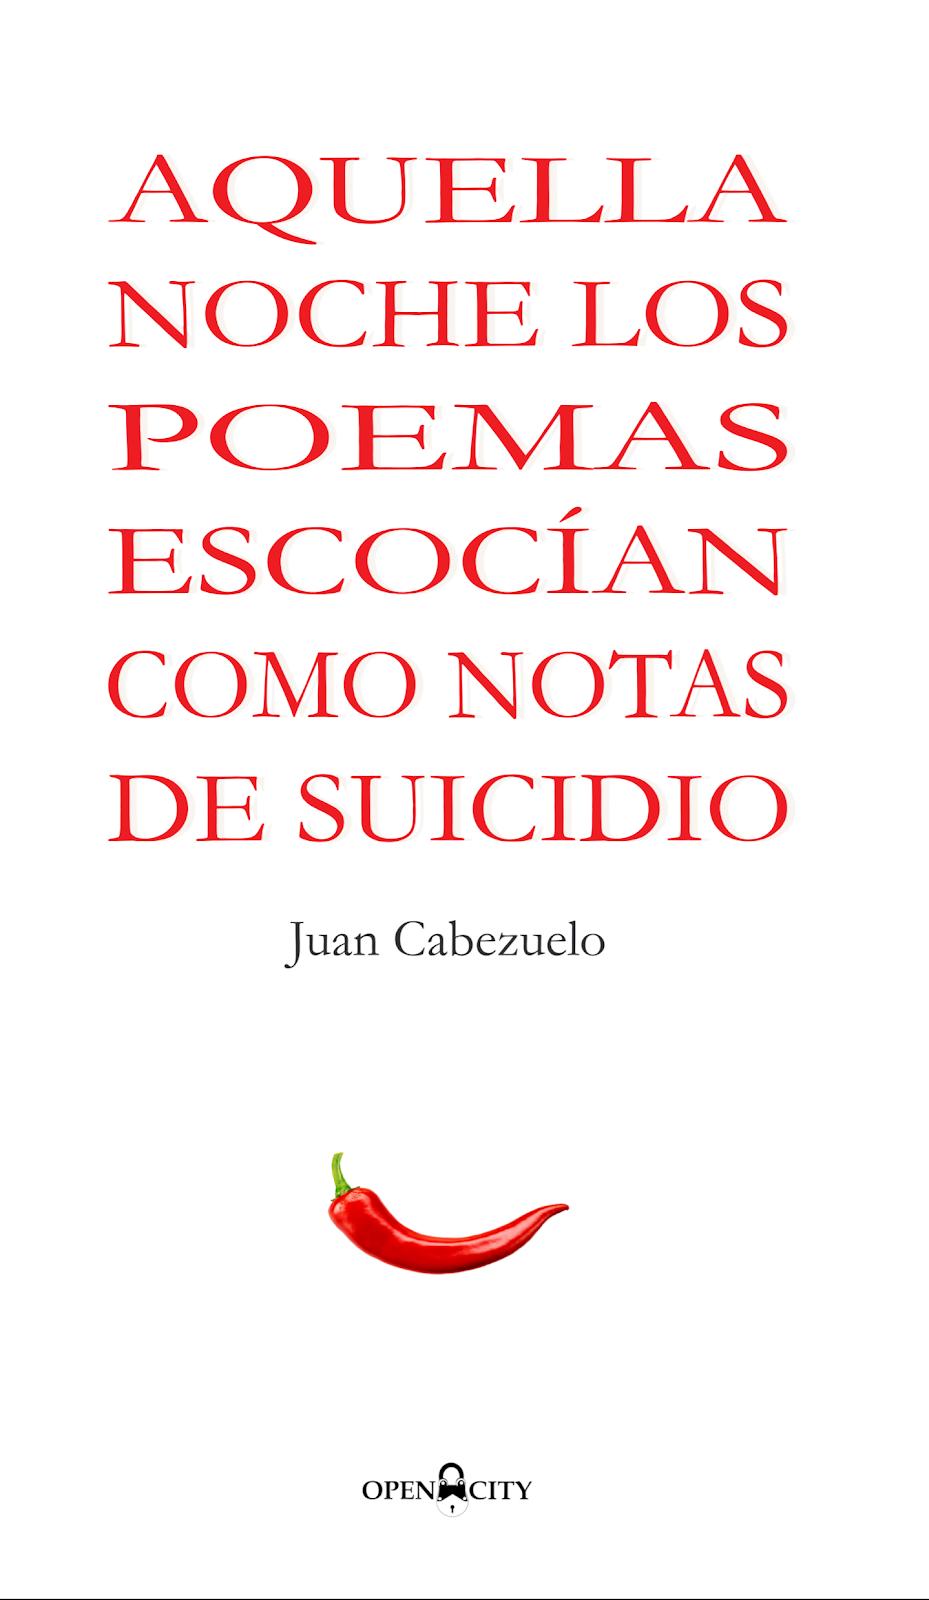 Aquella noche los poemas escocían como notas de suicidio